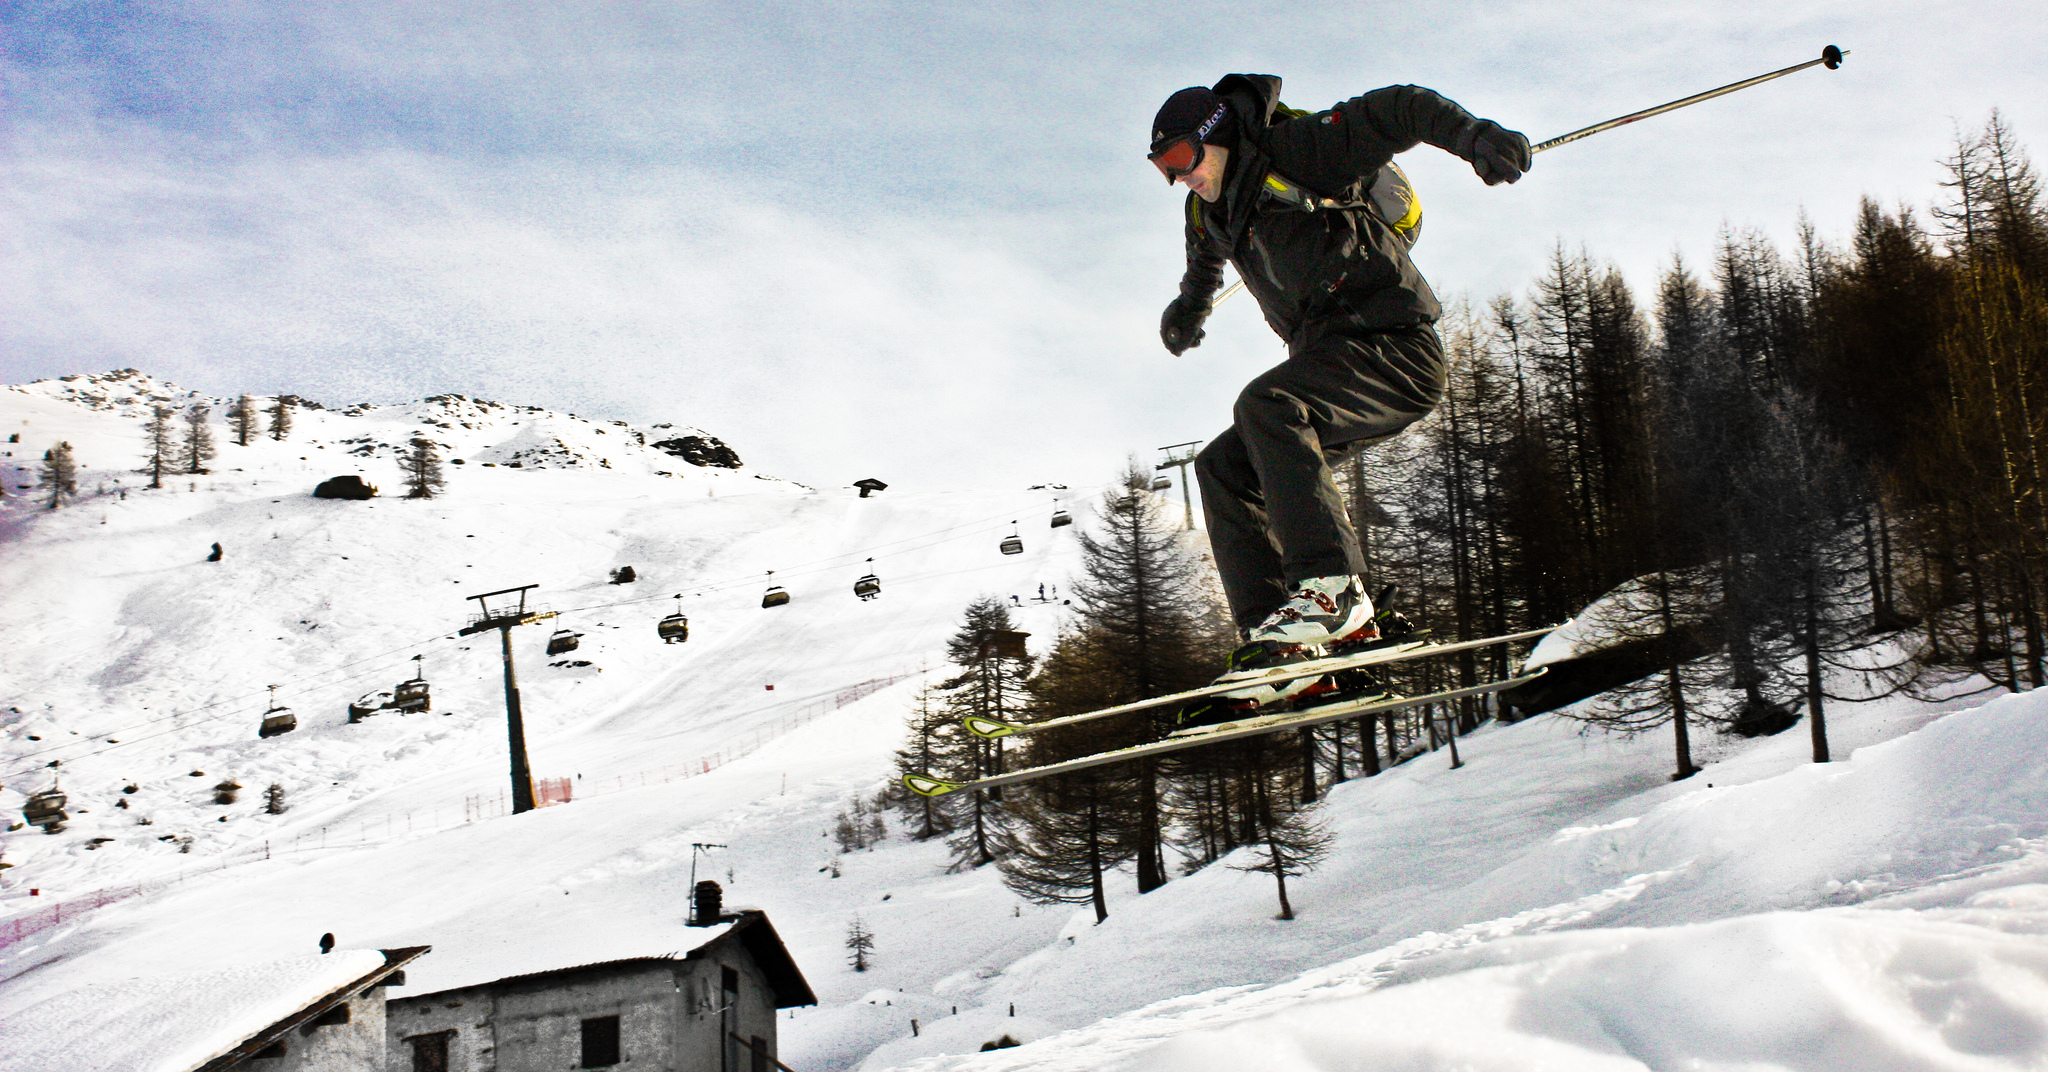 Vacanze in montagna in lombardia for Vacanze a novembre in italia